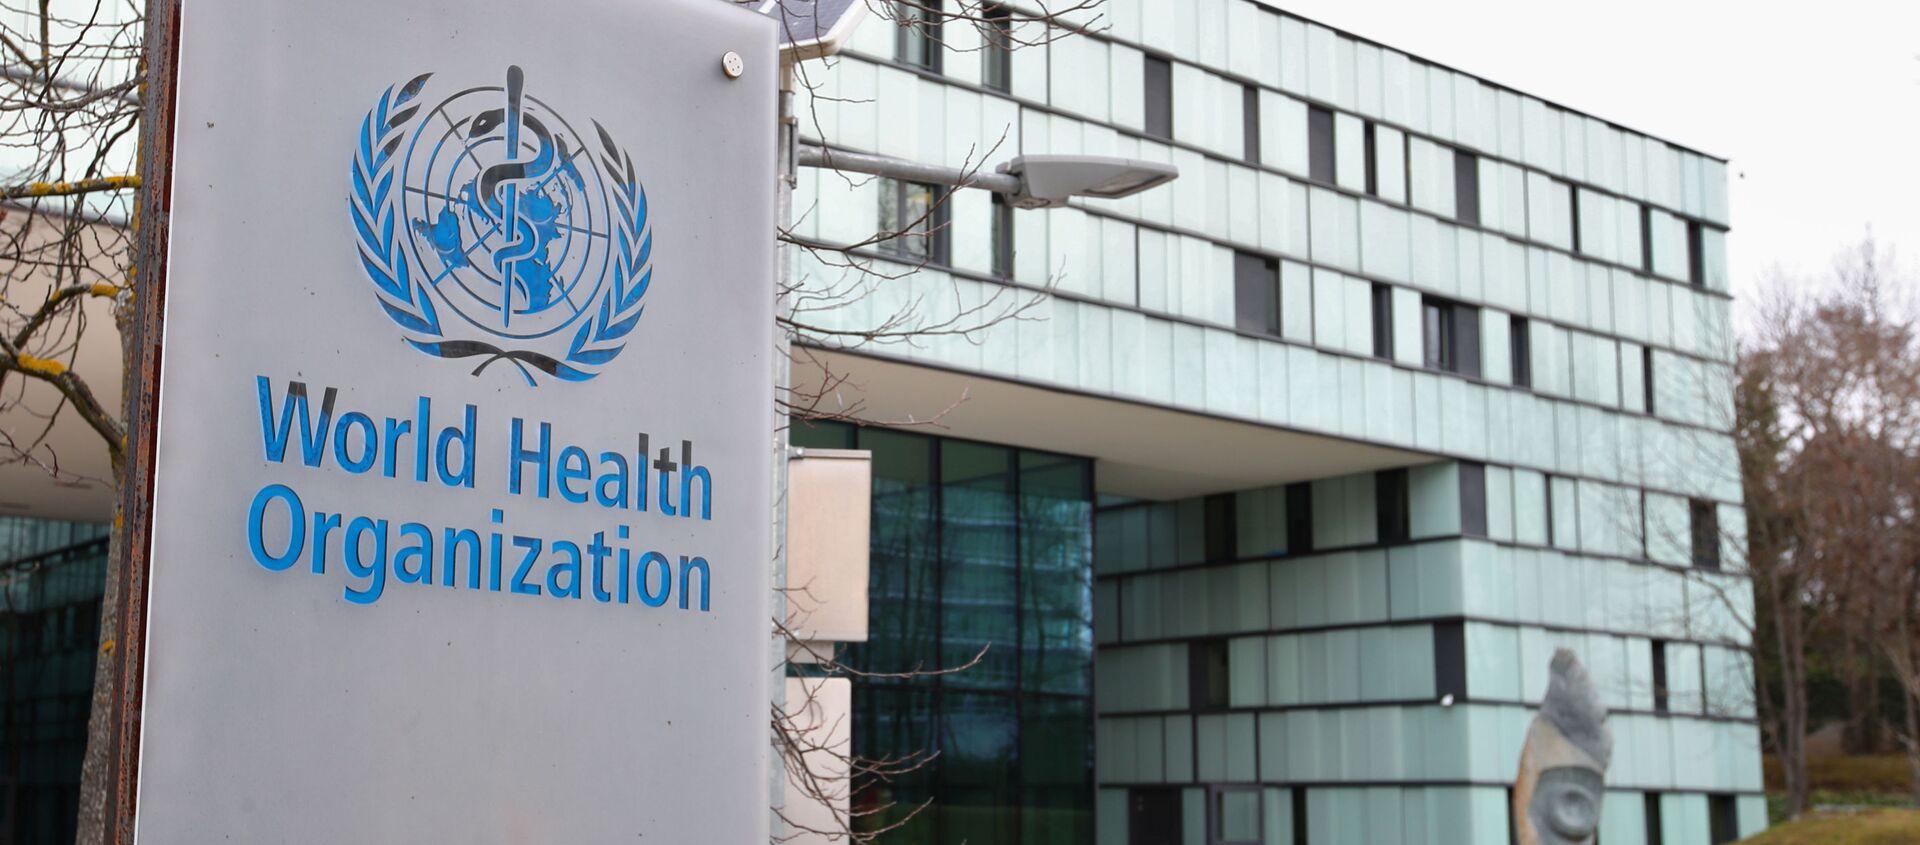 Biểu tượng của Tổ chức Y tế Thế giới tại tòa nhà của WHO ở Geneva, Thụy Sĩ - Sputnik Việt Nam, 1920, 13.08.2021